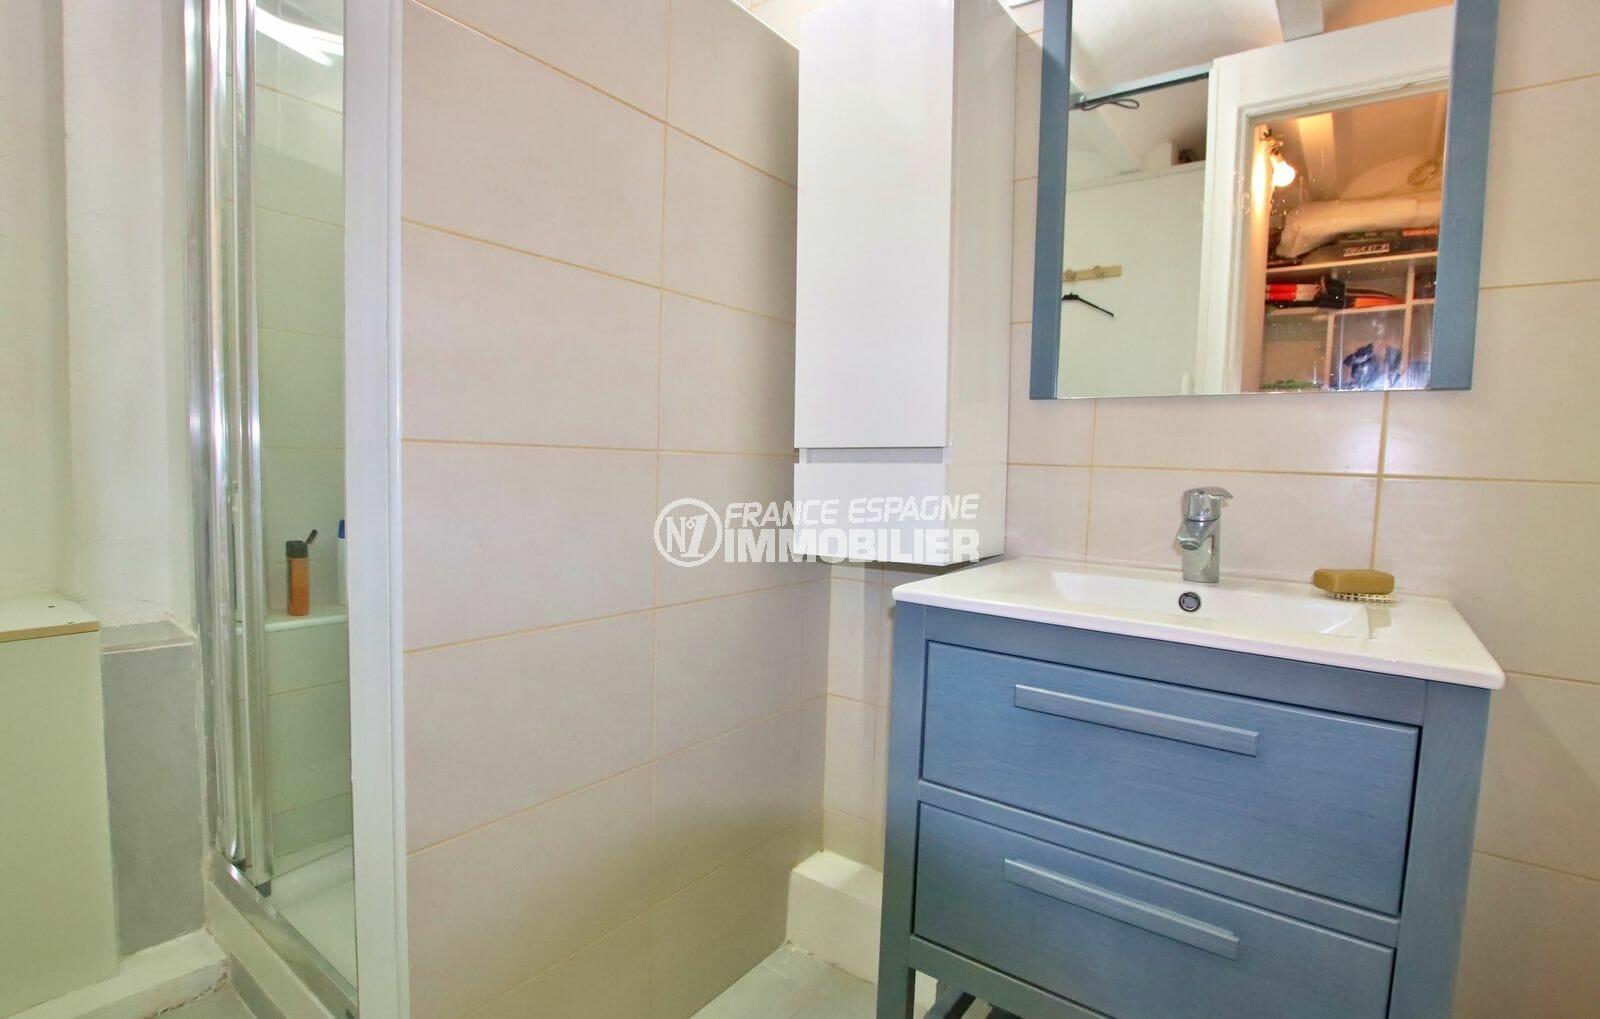 achat immobilier costa brava: villa appartement indépendant, deuxième salle d'eau avec vasque